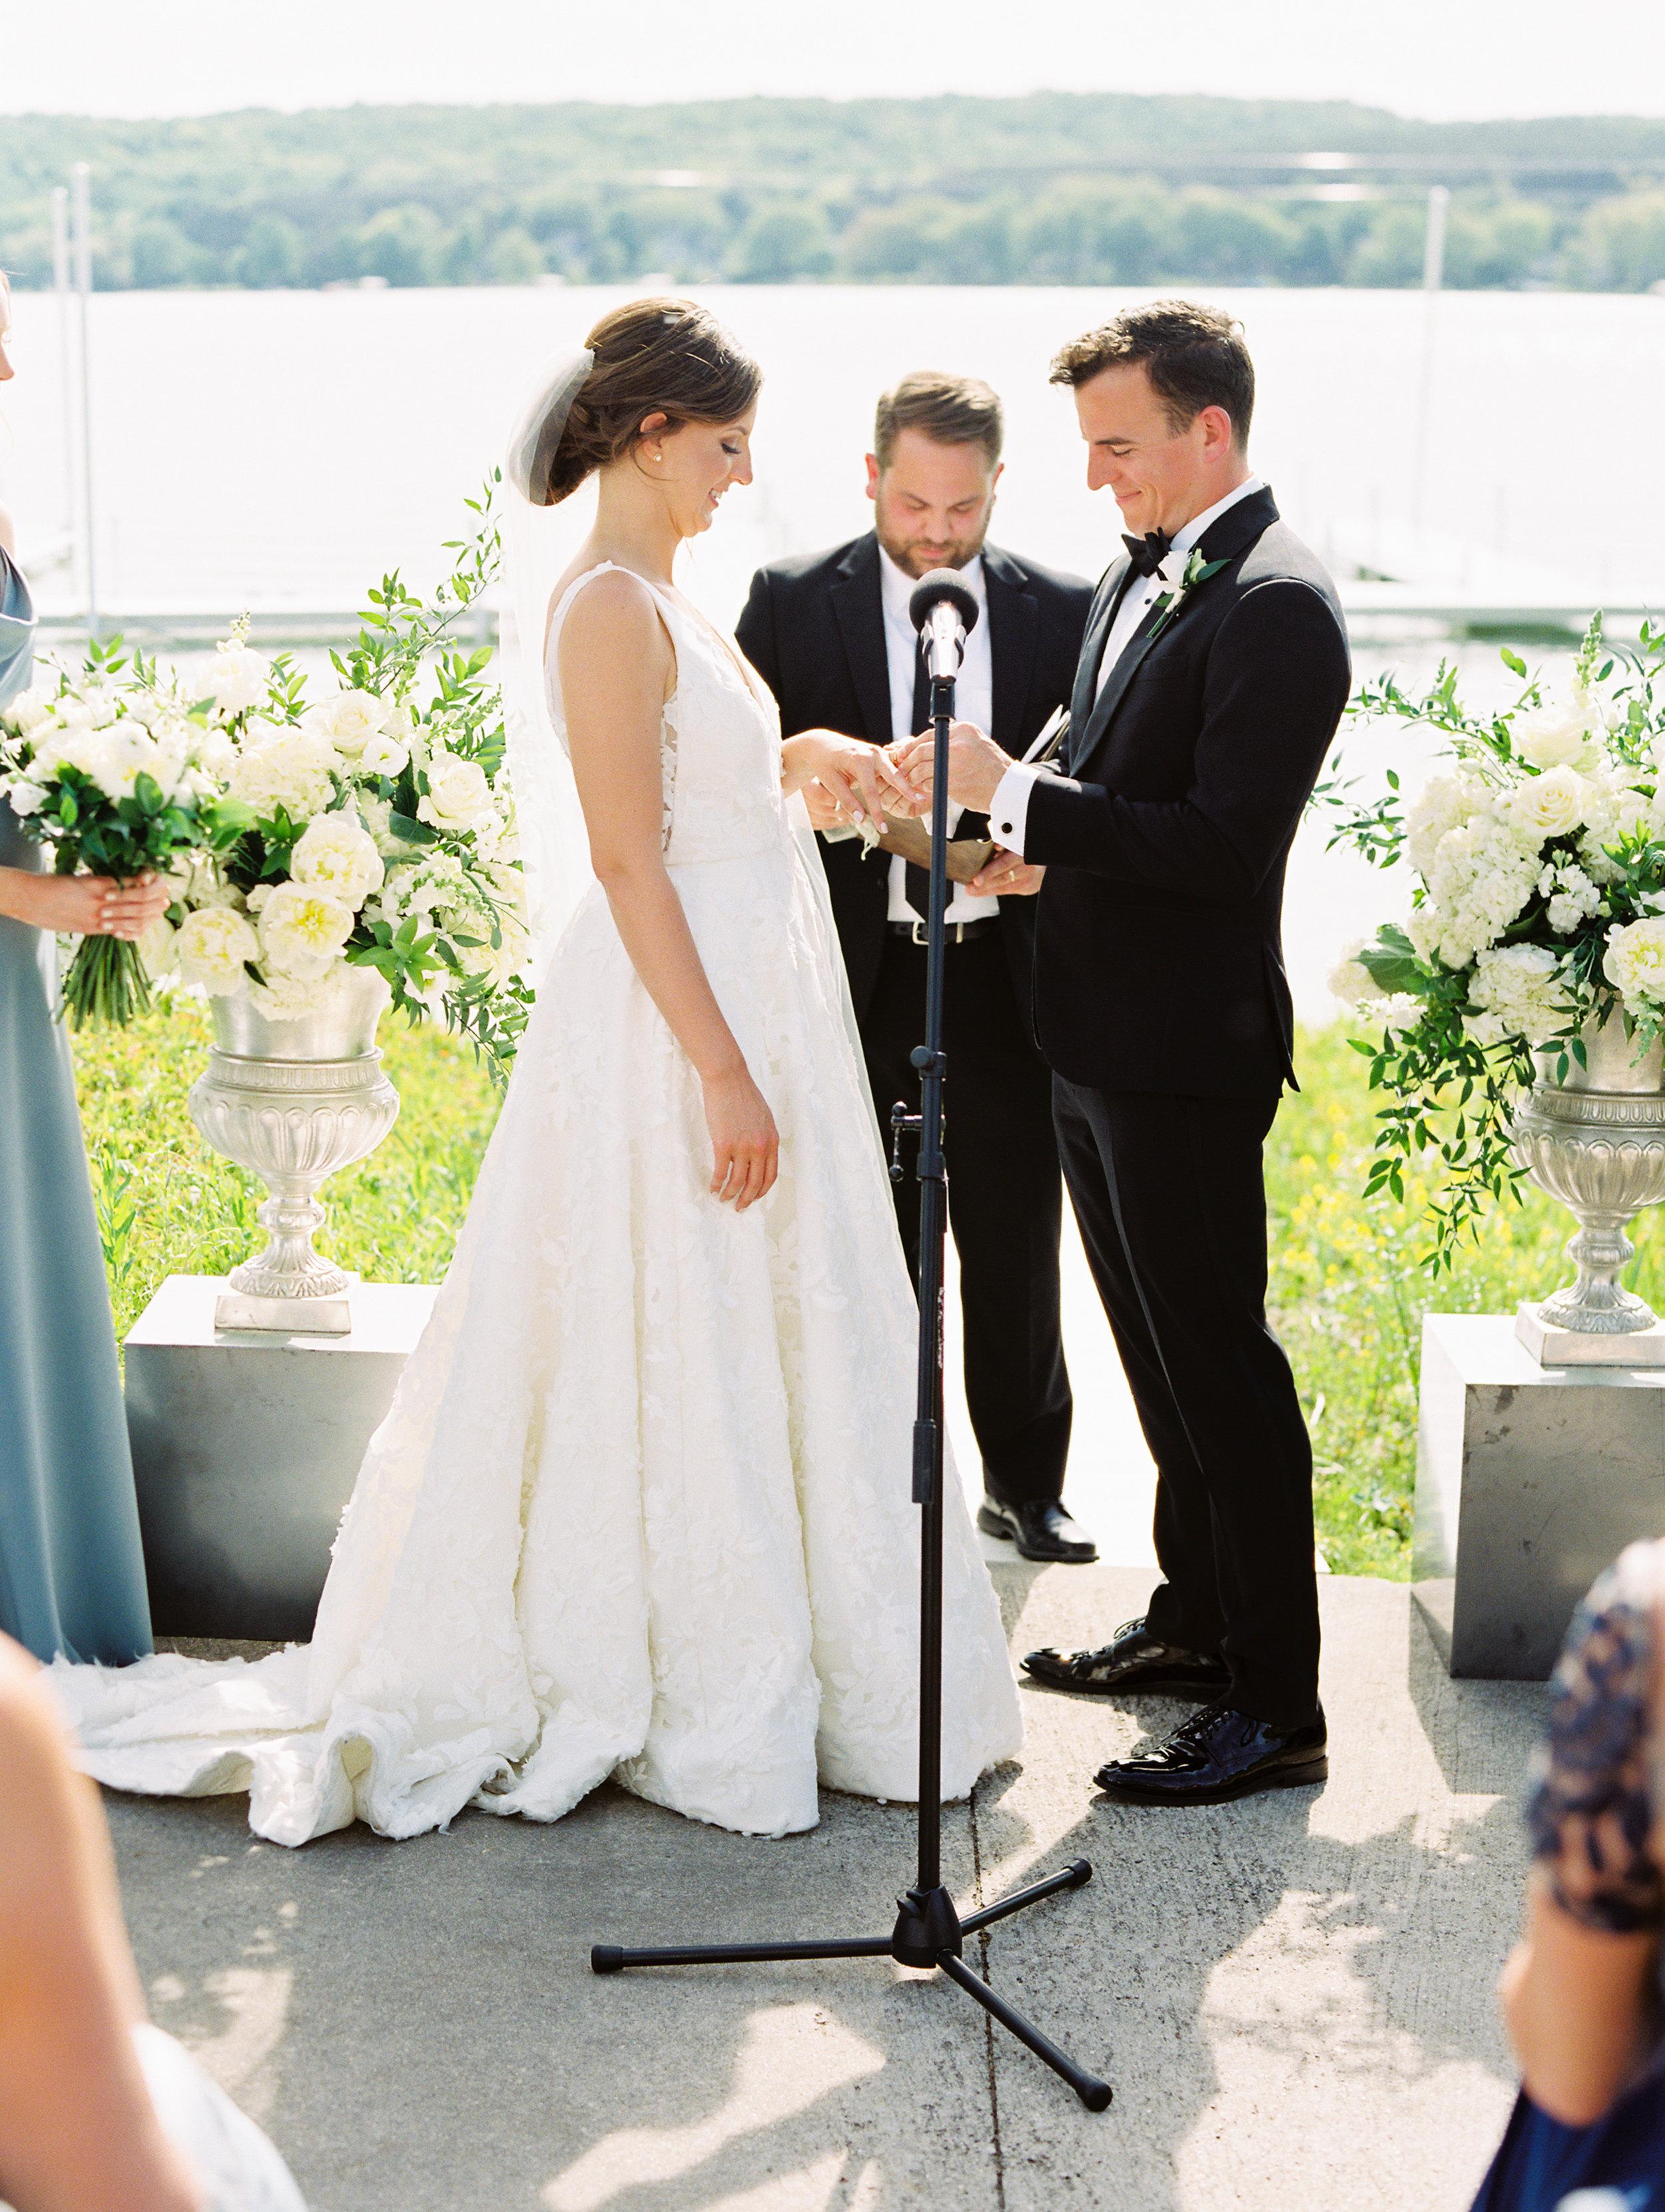 DeGuilio+Wedding+Ceremonyf-29.jpg